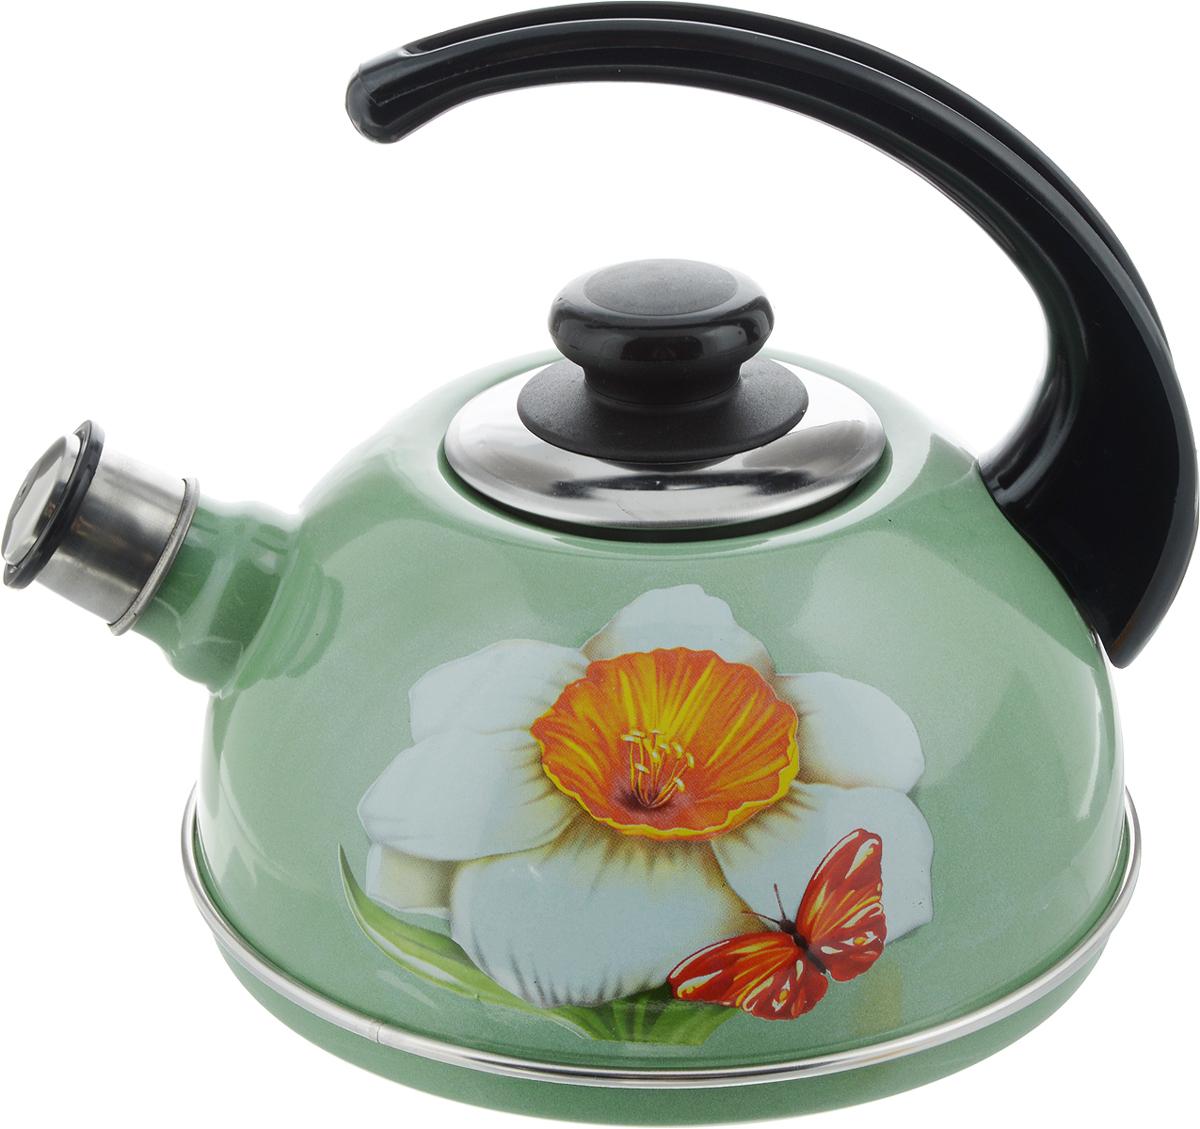 Чайник эмалированный Рубин Нарцисс, со свистком, 2,5 лVT-1520(SR)Чайник Рубин Нарцисс выполнен из высококачественного стального проката, что обеспечивает долговечность использования. Внешнее трехслойное эмалевое покрытие Mefrit не вступает во взаимодействие с пищевыми продуктами. Такое покрытие защищает сталь от коррозии, придает посуде гладкую стекловидную поверхность и надежно защищает от кислот и щелочей. Чайник оснащен фиксированной ручкой из пластика и крышкой, которая плотно прилегает к краю. Носик чайника оснащен съемным свистком, звуковой сигнал которого подскажет, когда закипит вода. Можно мыть в посудомоечной машине. Пригоден для всех видов плит, включая индукционные. Высота чайника (с учетом ручки): 22 см.Высота чайника (без учета крышки и ручки): 11,5 см.Диаметр по верхнему краю: 8,7 см.